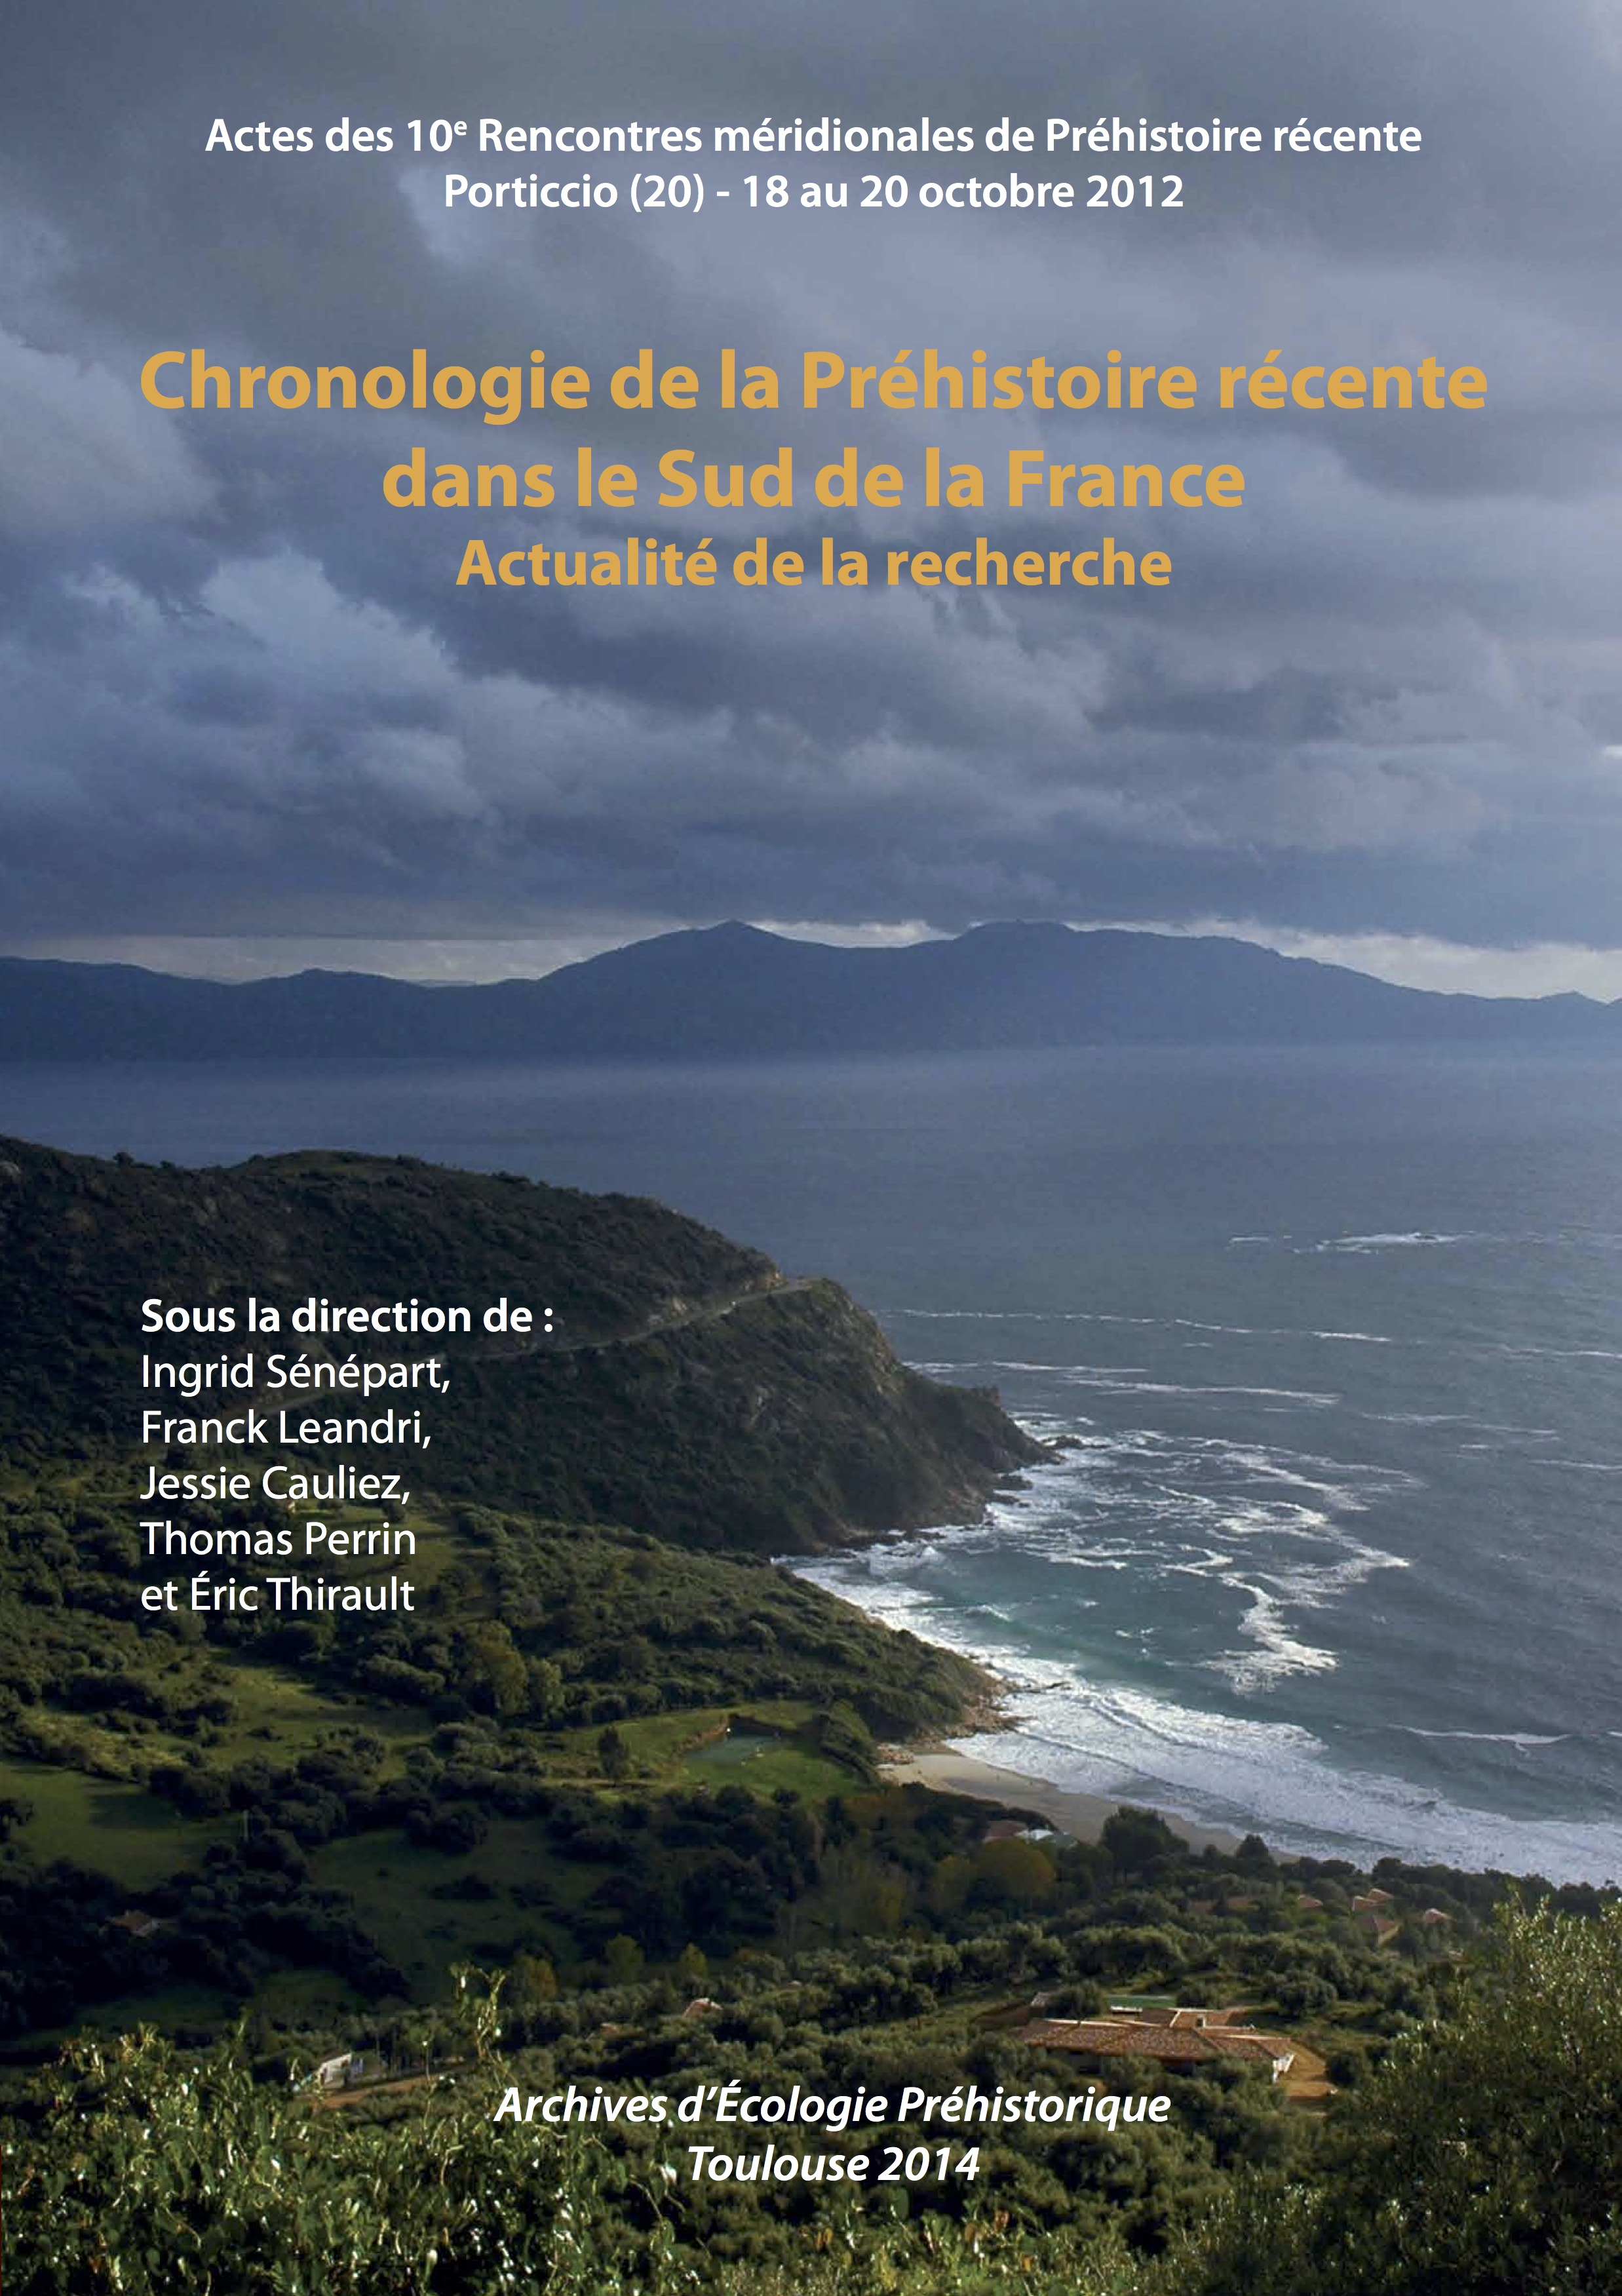 rencontres meridionales de prehistoire recente